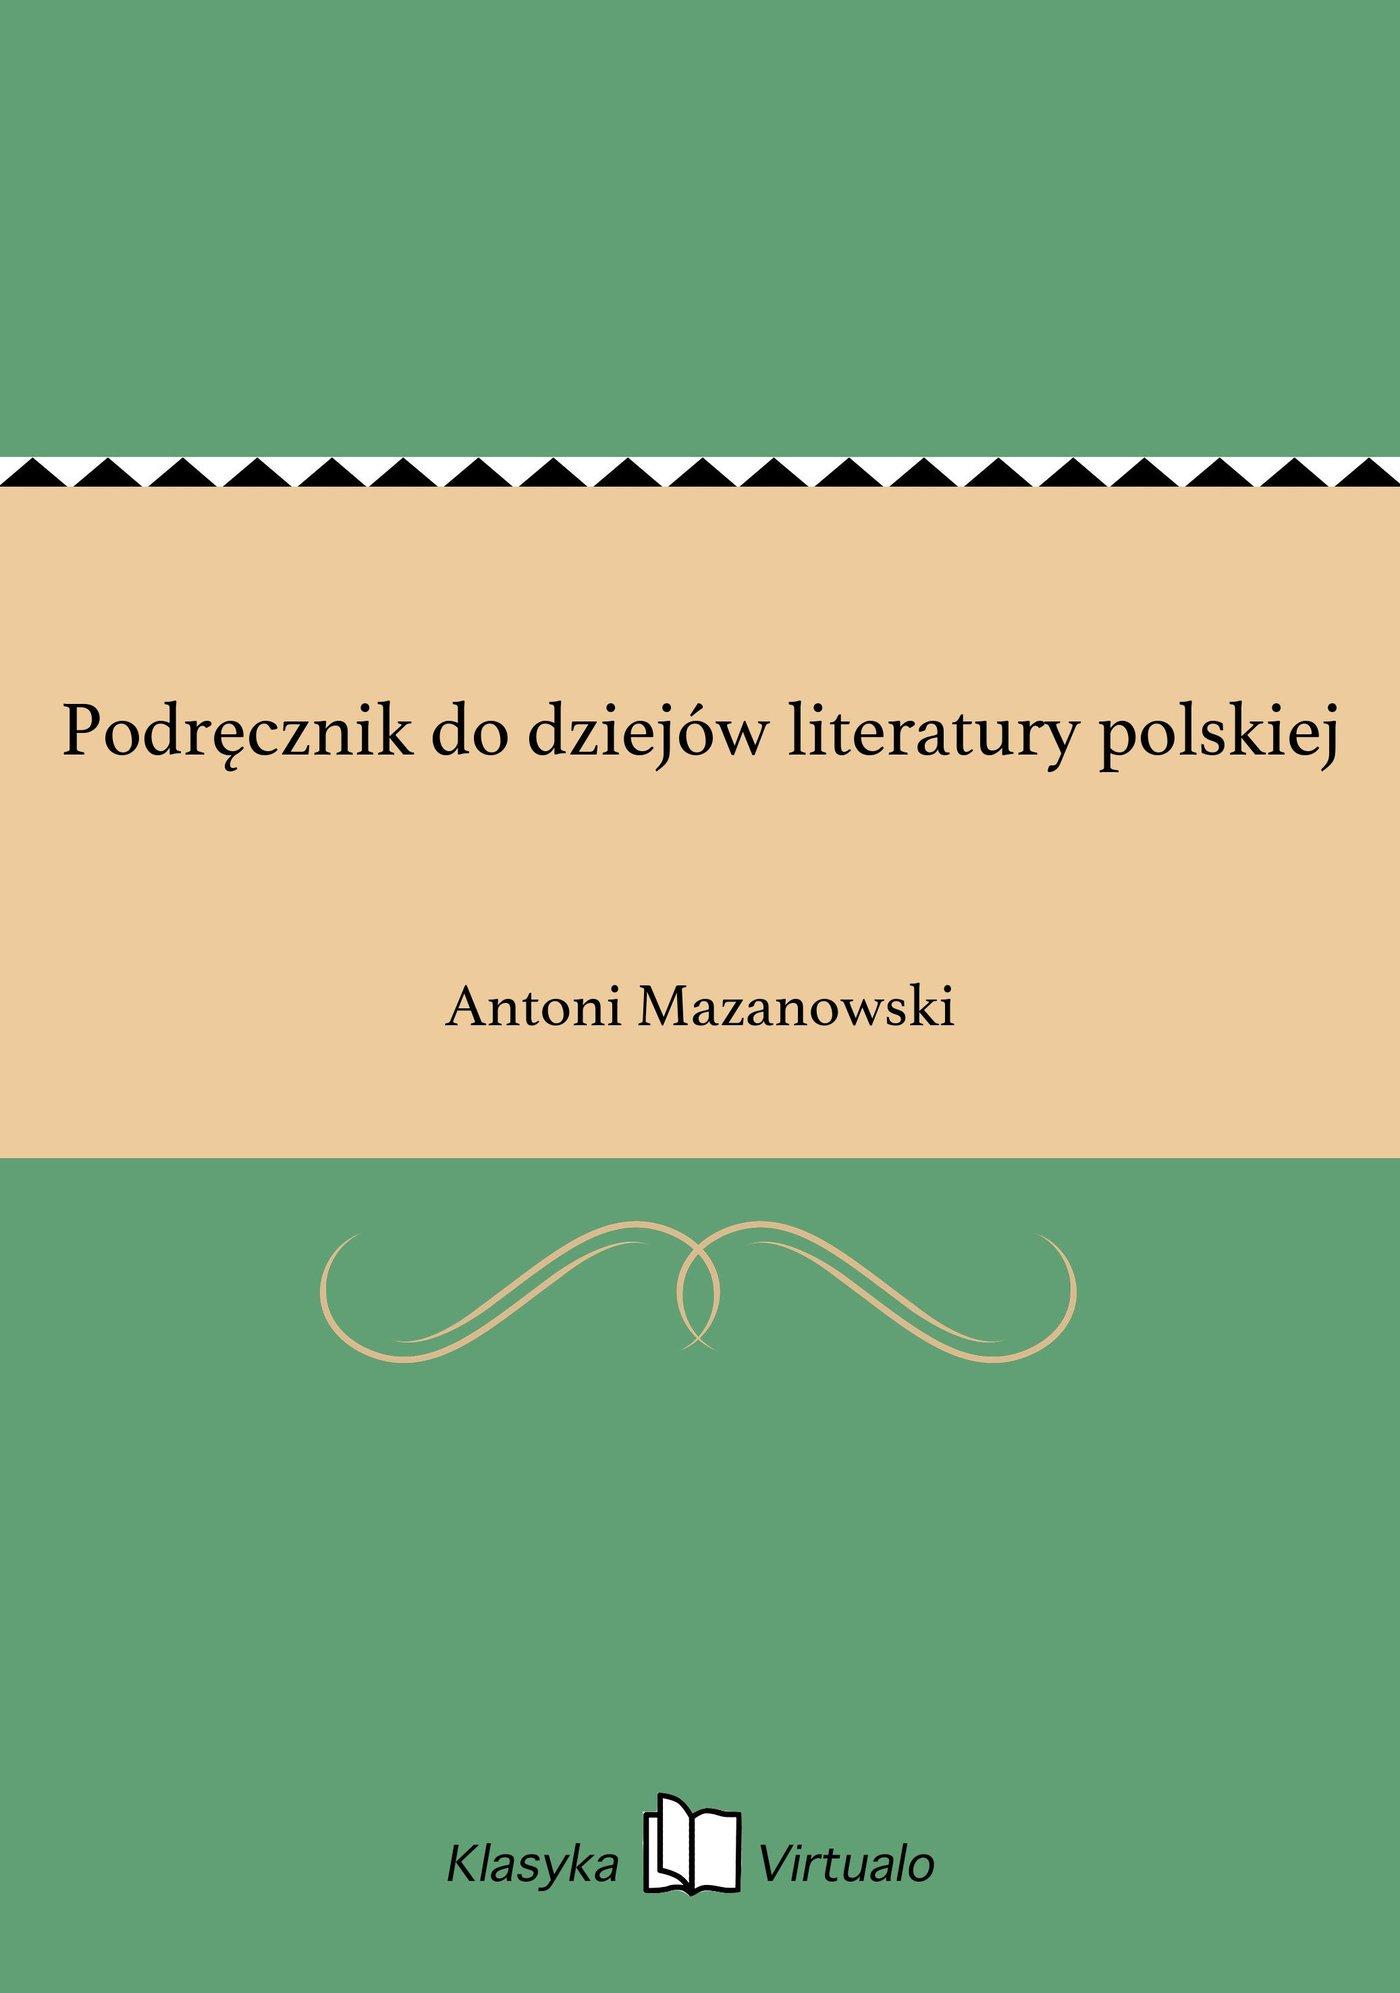 Podręcznik do dziejów literatury polskiej - Ebook (Książka EPUB) do pobrania w formacie EPUB